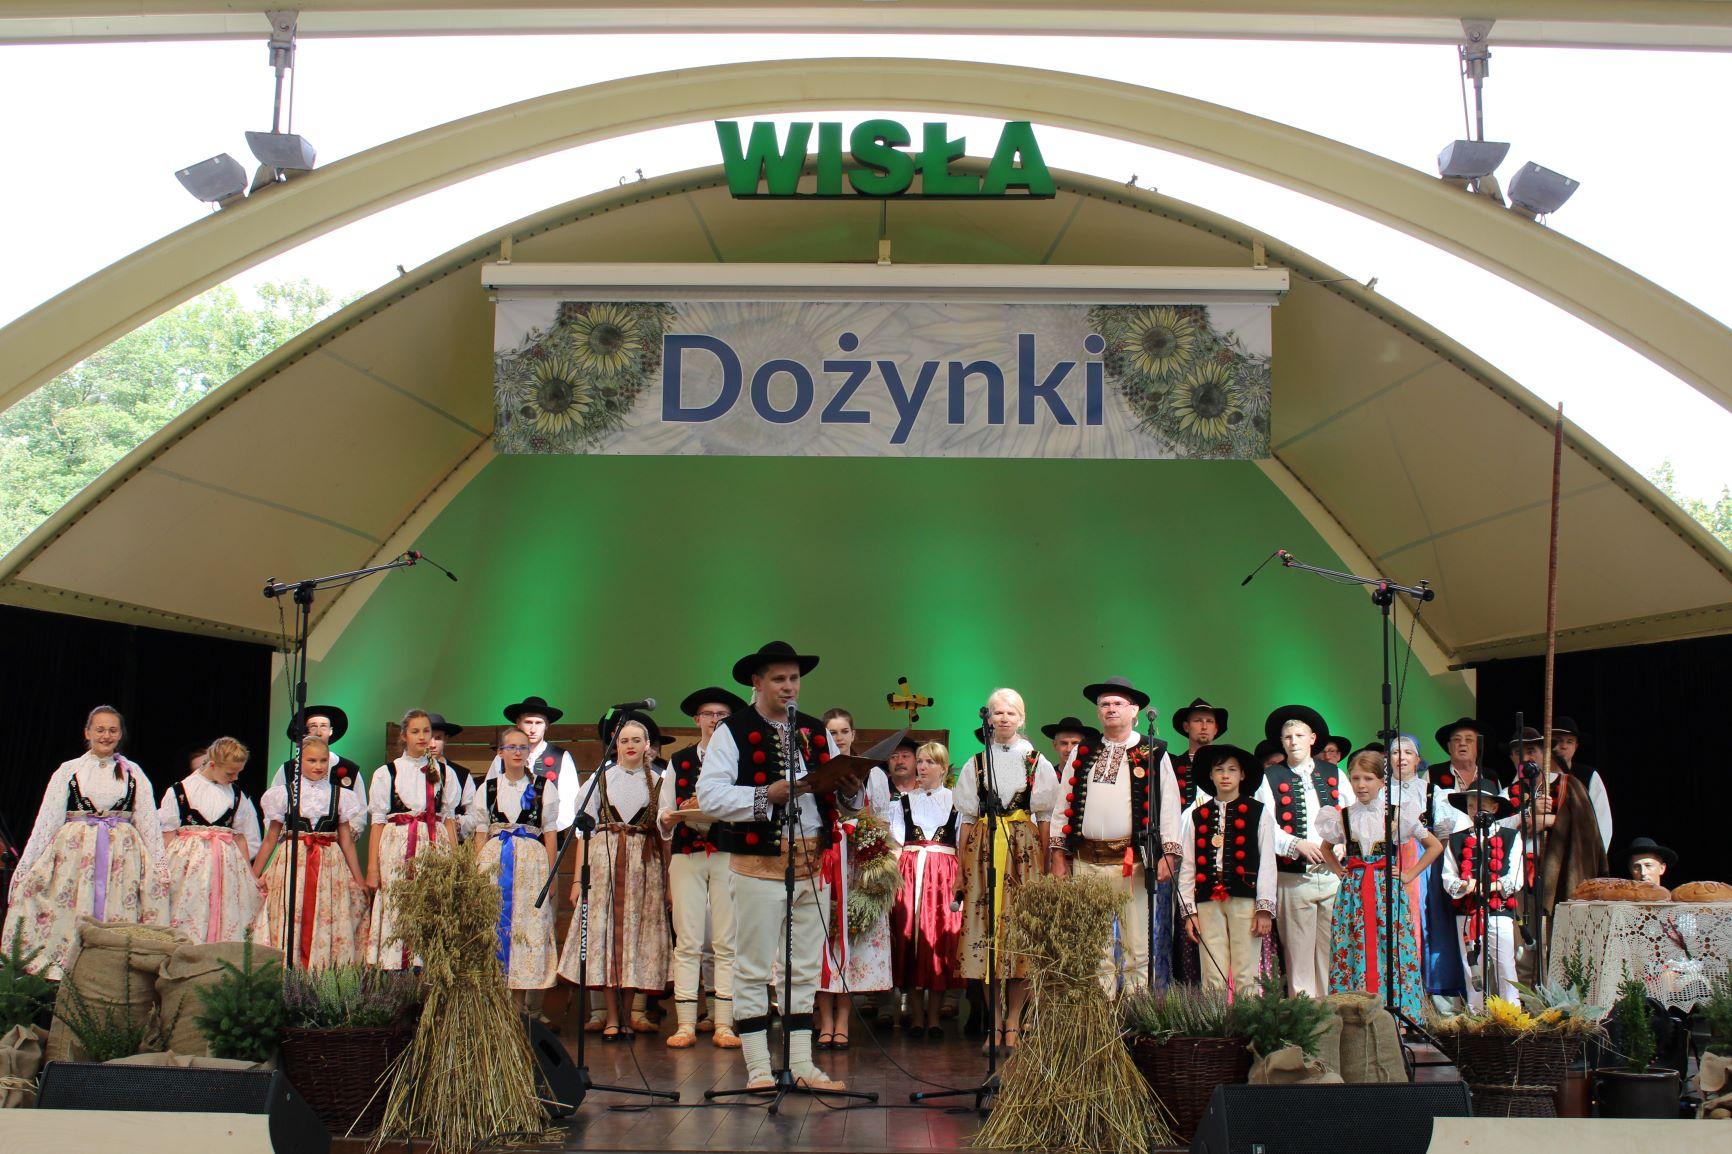 Już w ten weekend w Wiśle odbędą się dożynki!